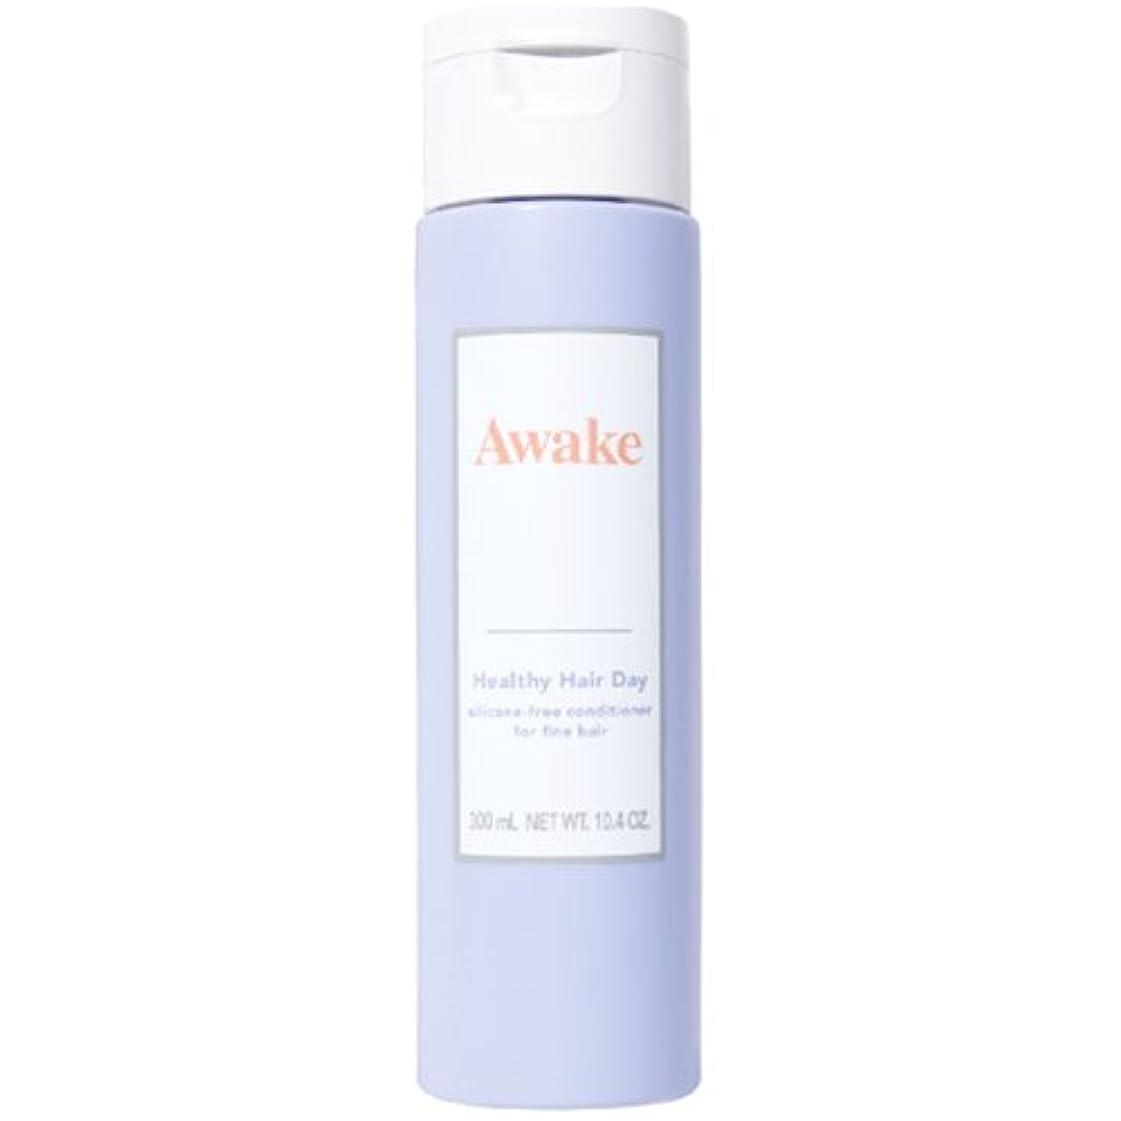 費用思い出カードアウェイク(AWAKE) Awake(アウェイク) ヘルシーヘアデイ シリコーンフリー ヘアコンディショナー ハリコシアップヘア用 (300mL)